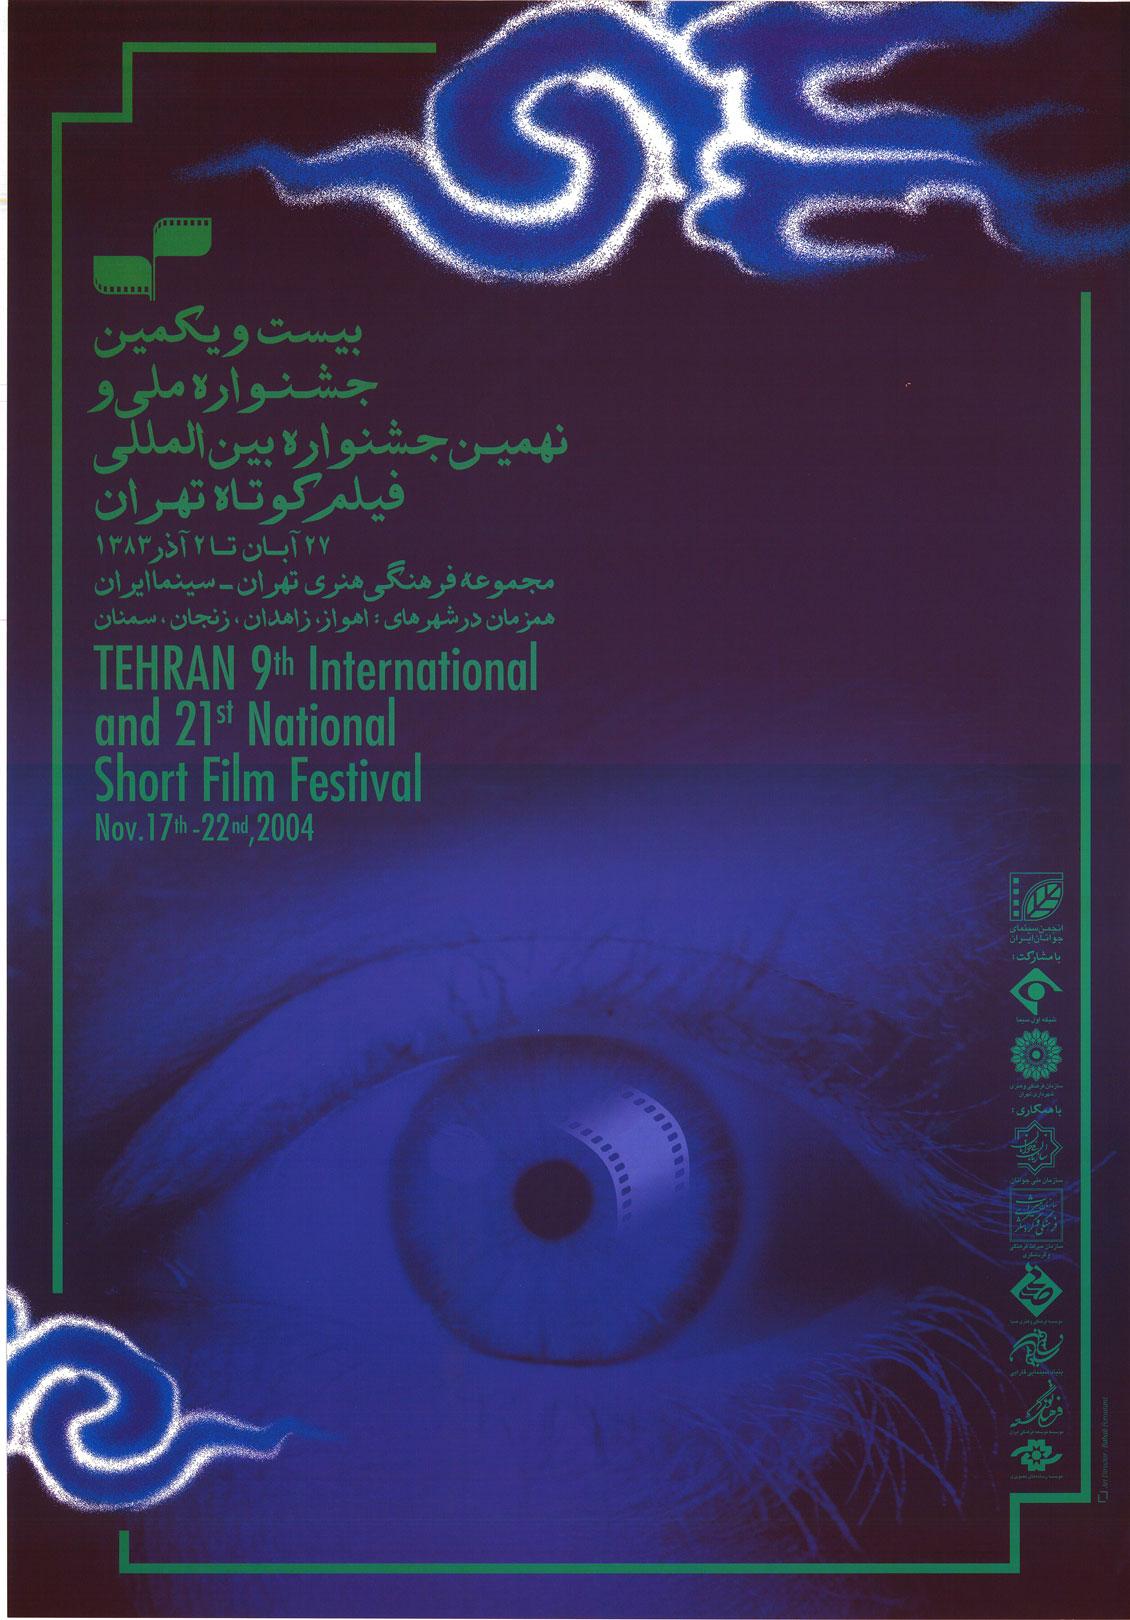 21st Festival 2004